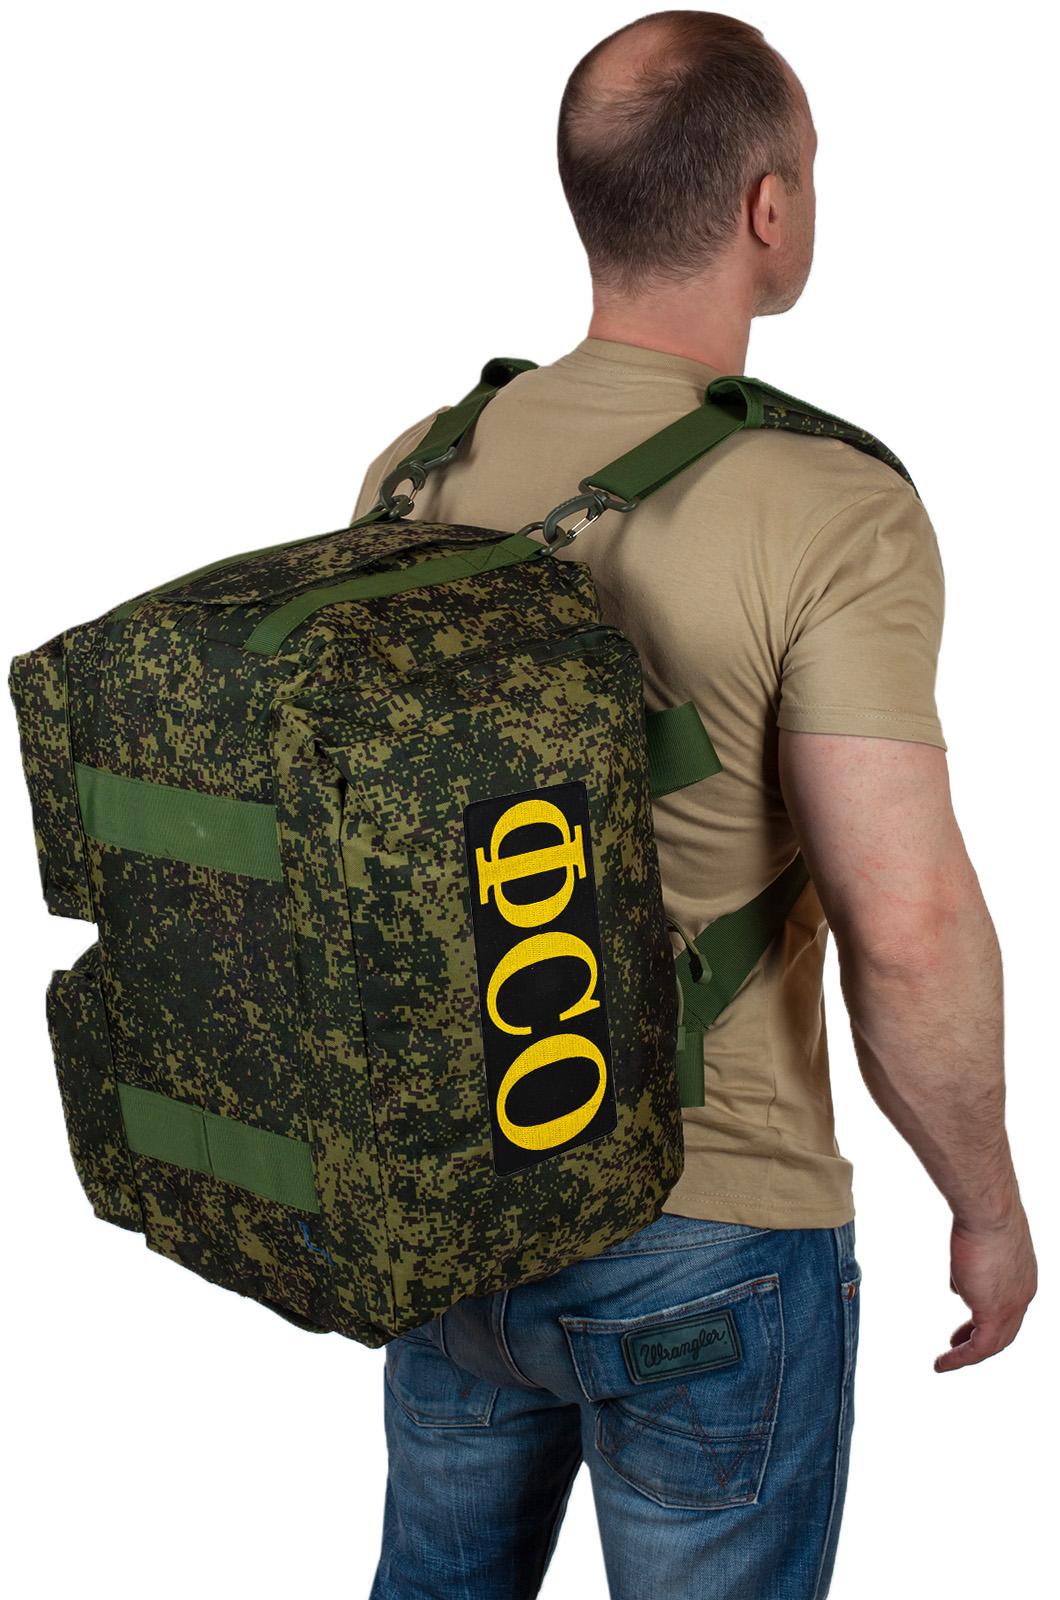 Купить походную камуфляжную сумку с нашивкой ФСО с доставкой или самовывозом